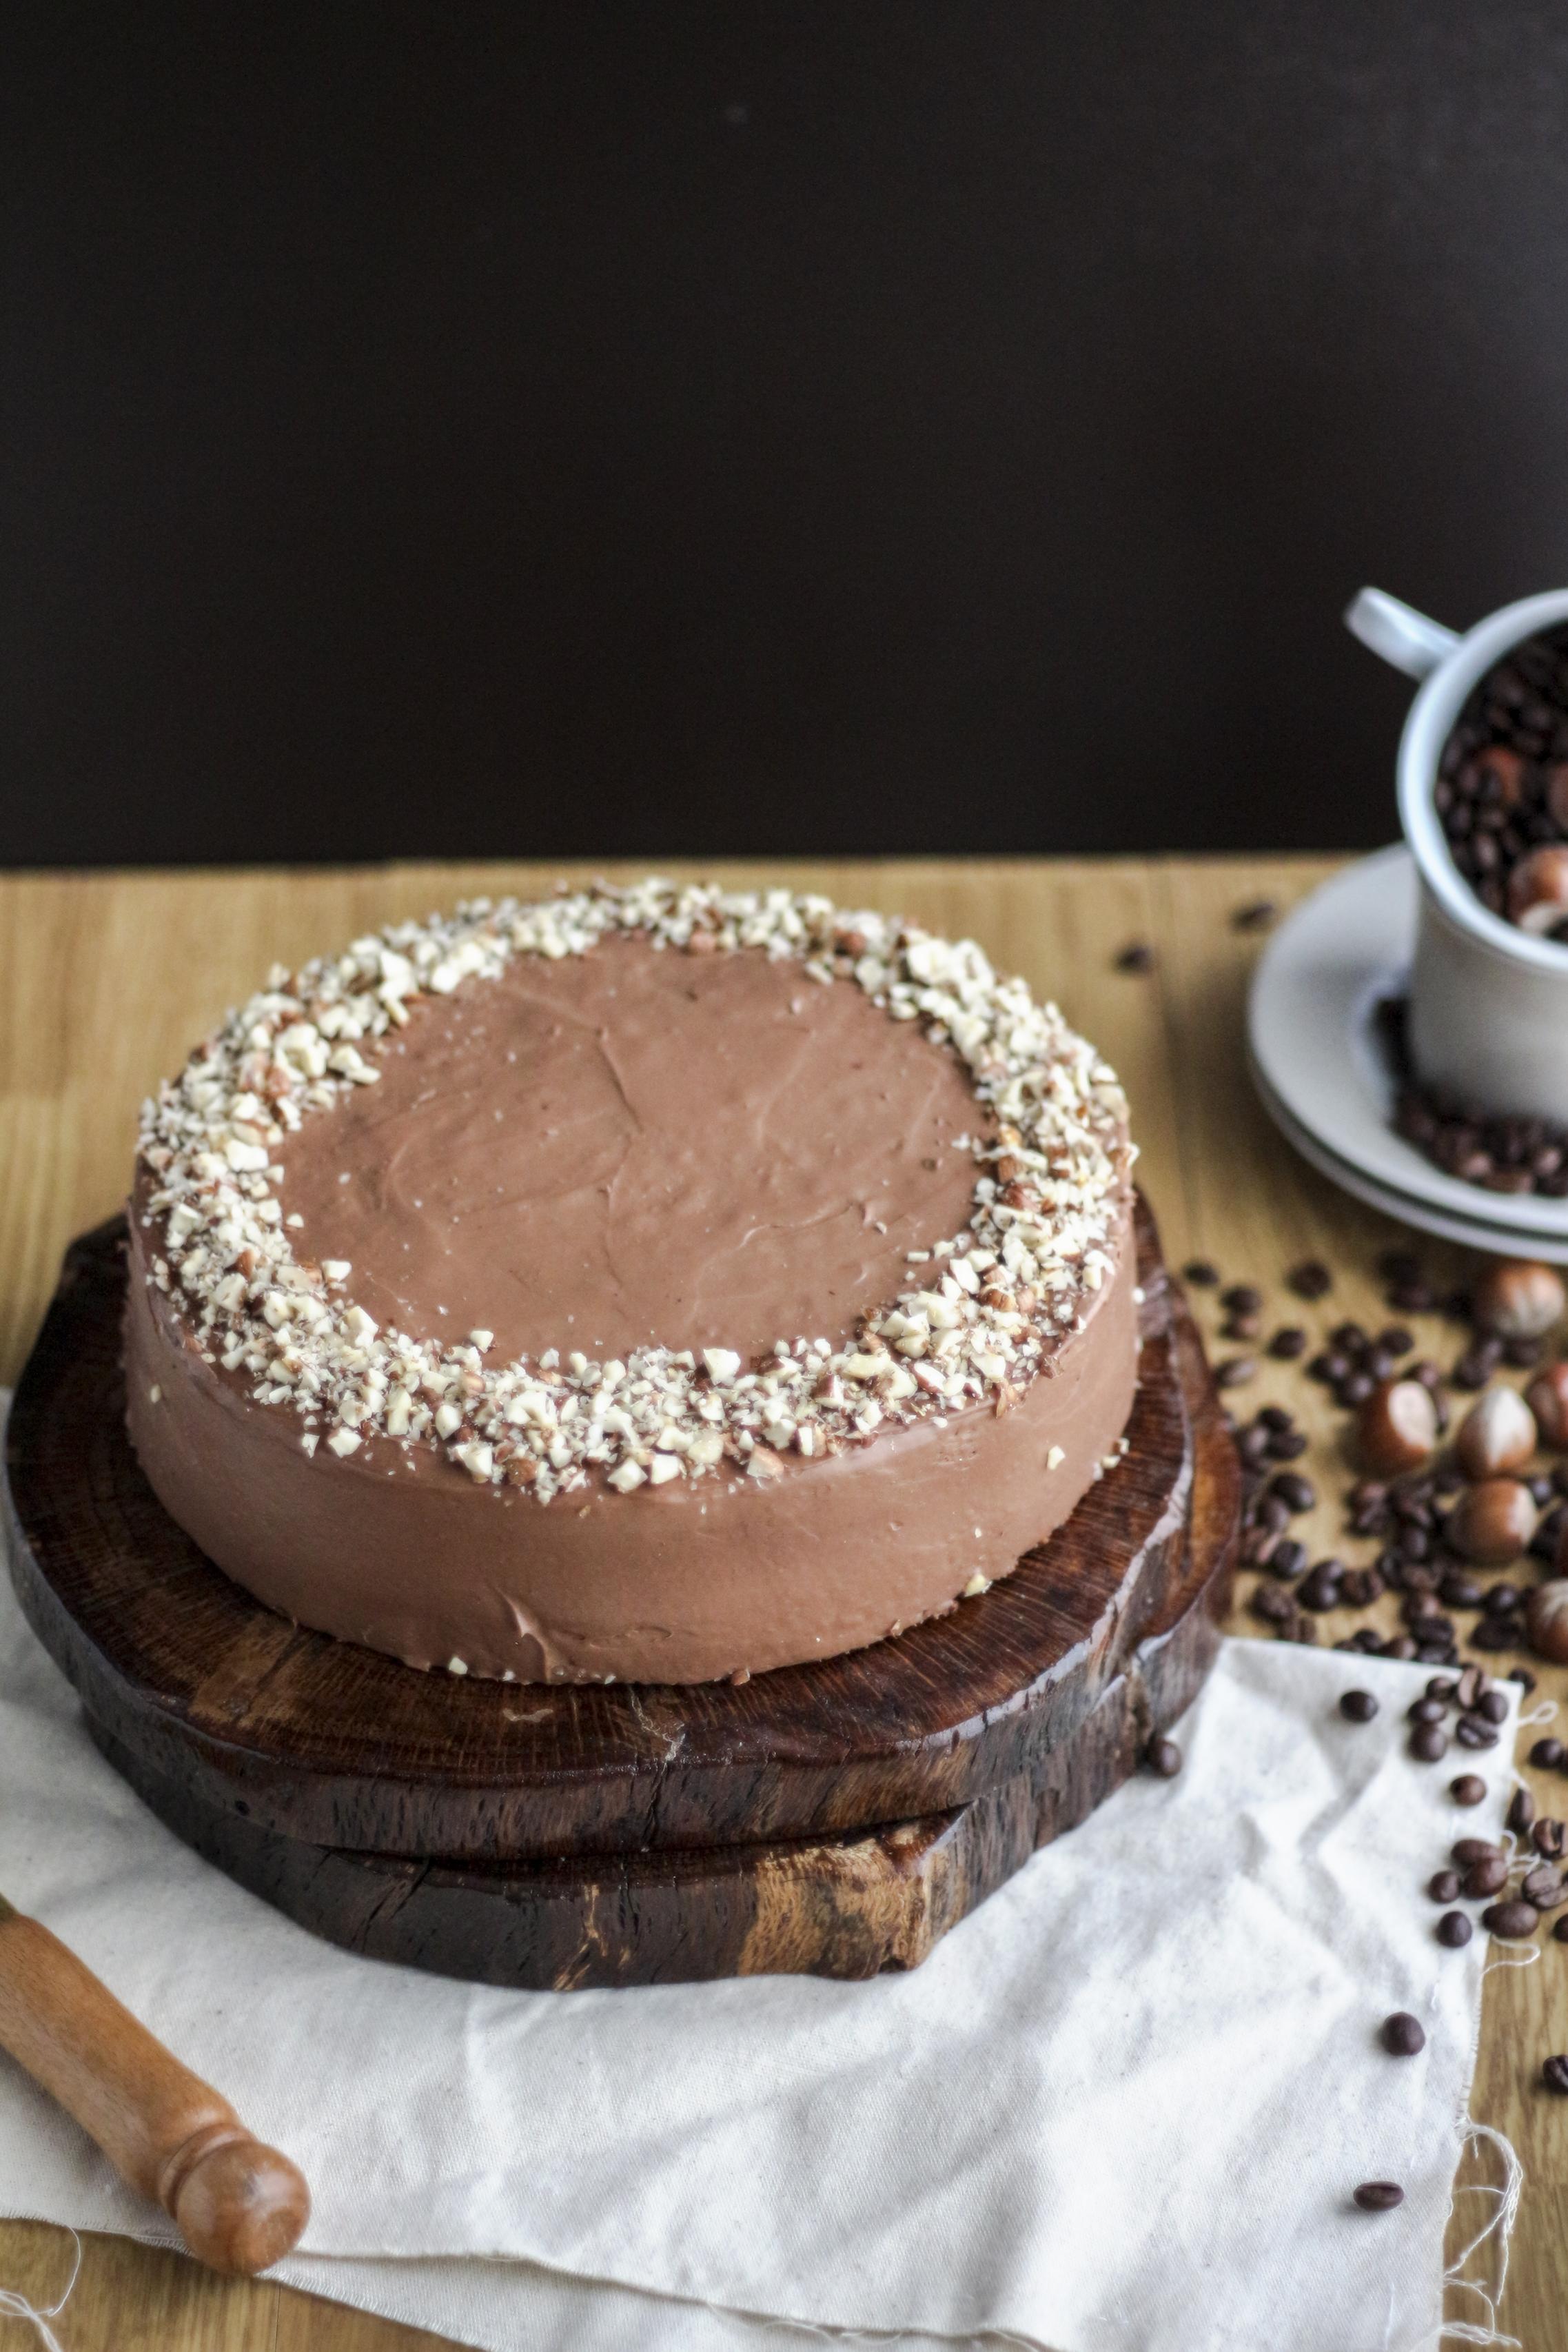 choco-coffee-hazelnut-cake